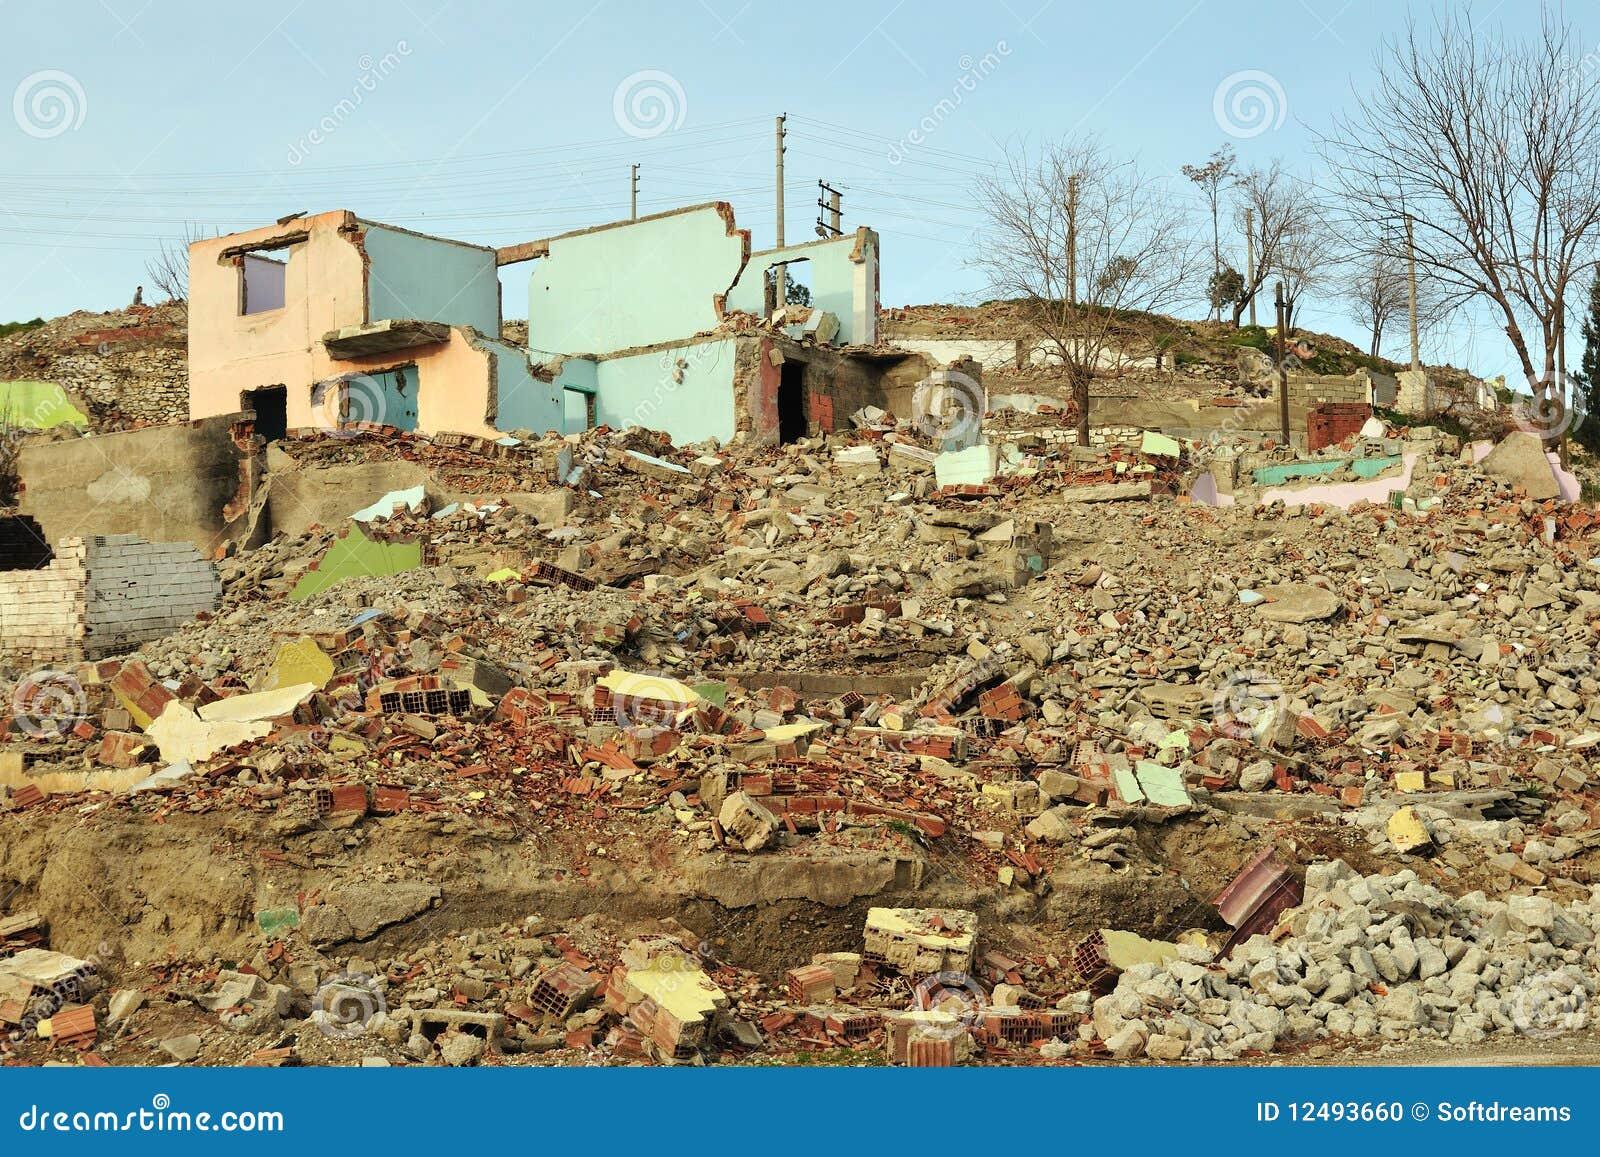 squatter debris